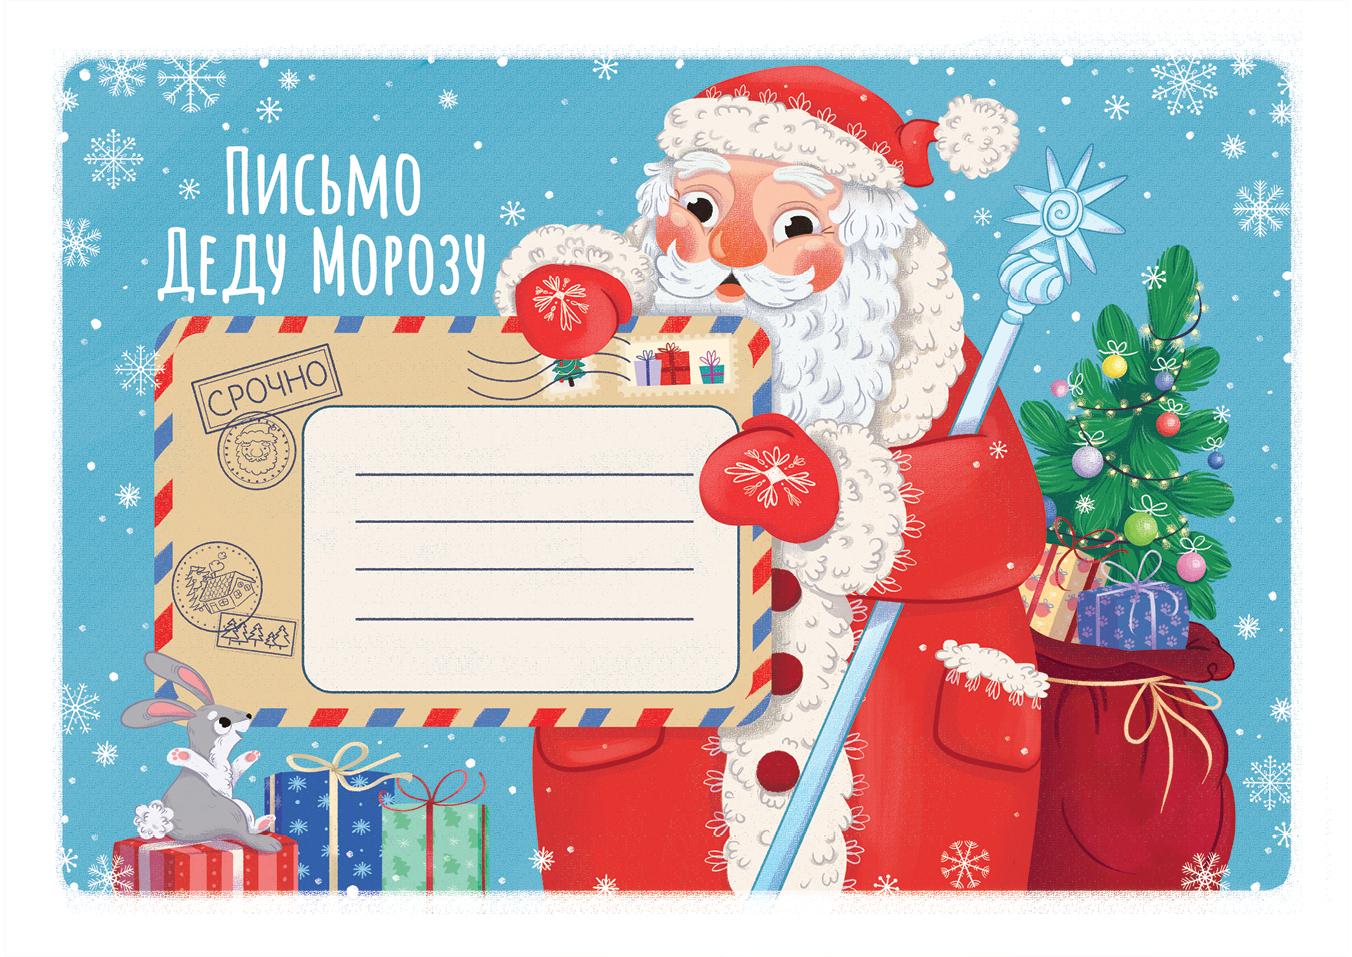 преддверии картинка конверта для письма для деда мороза дереве радует глаз